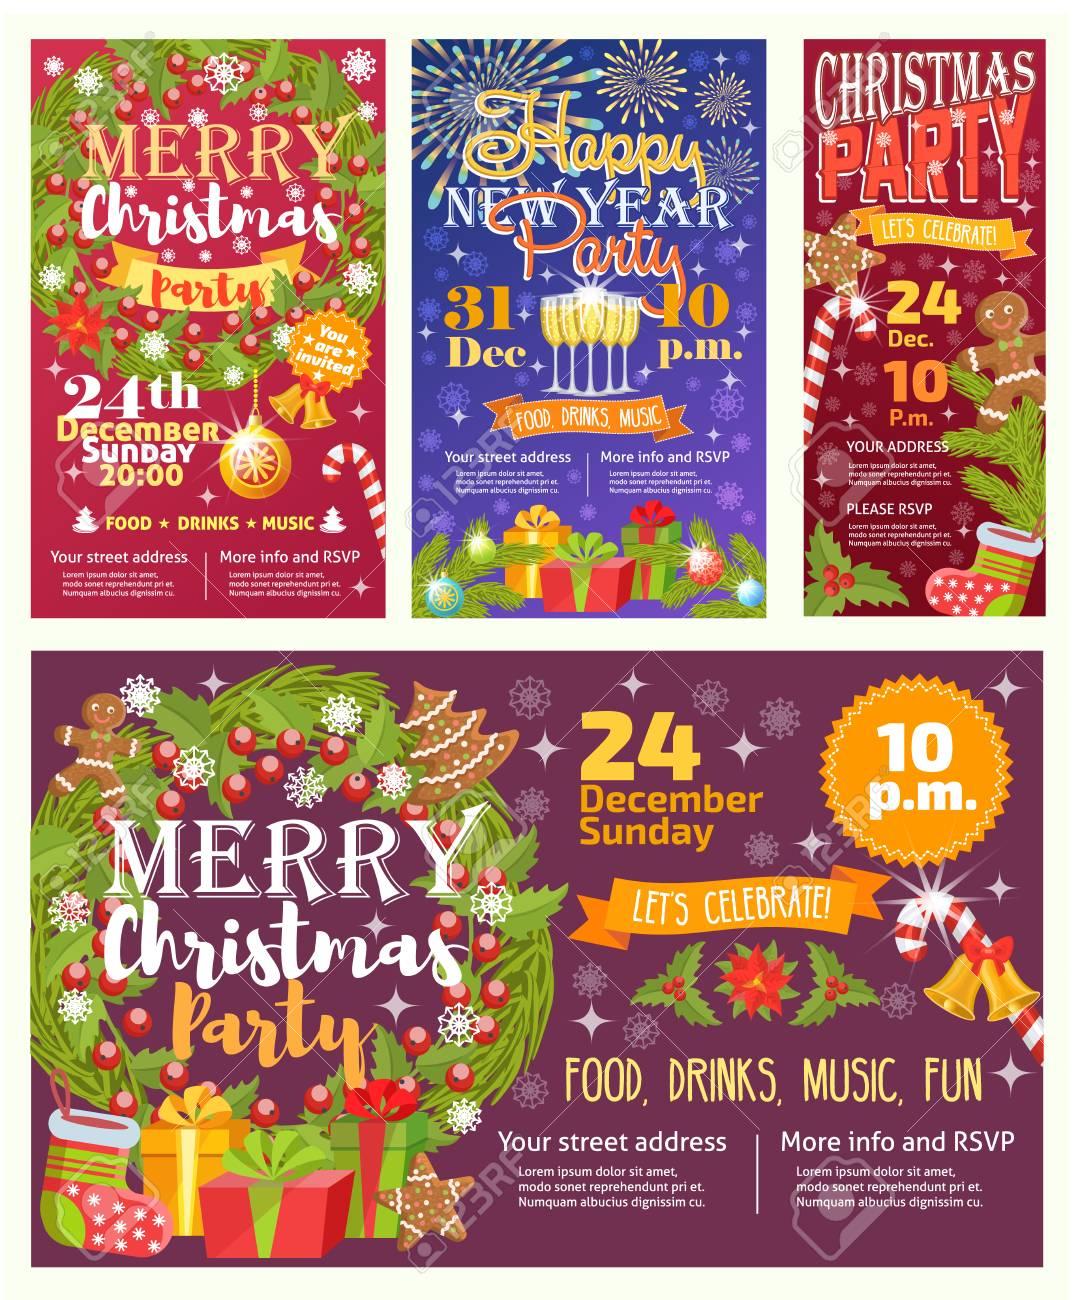 Plantilla De Diseño De Fondo De Tarjeta De Invitación De Invitación De Navidad De Vector Para Navidad Fiesta De Fiesta De Año Nuevo 2017 Pegatinas De